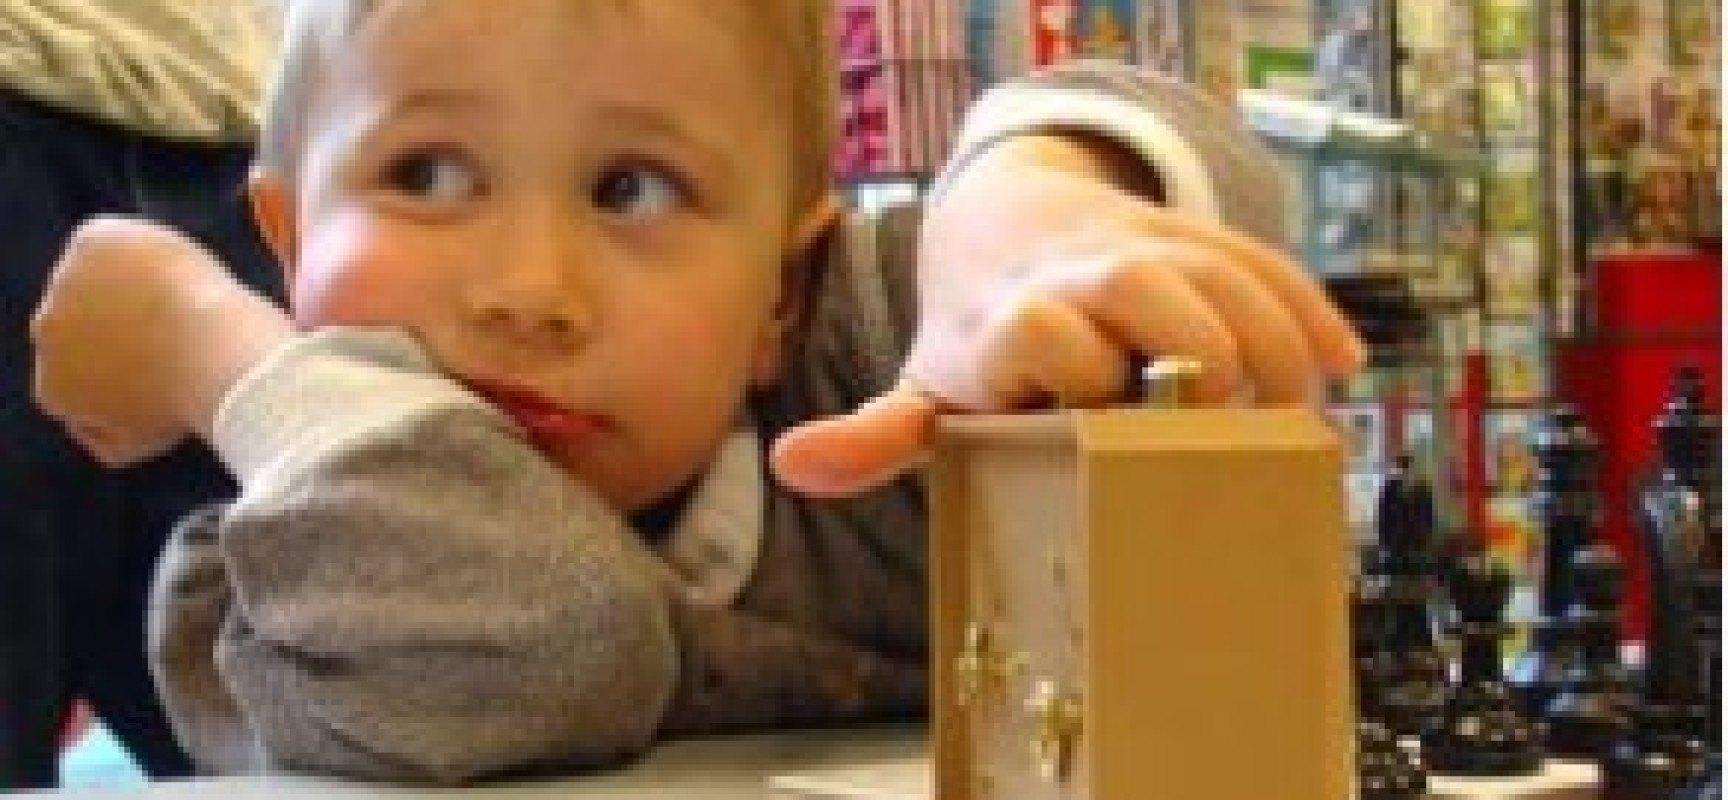 Nuevo blog de ajedrez y educación: www.ajedrezeducativo.org